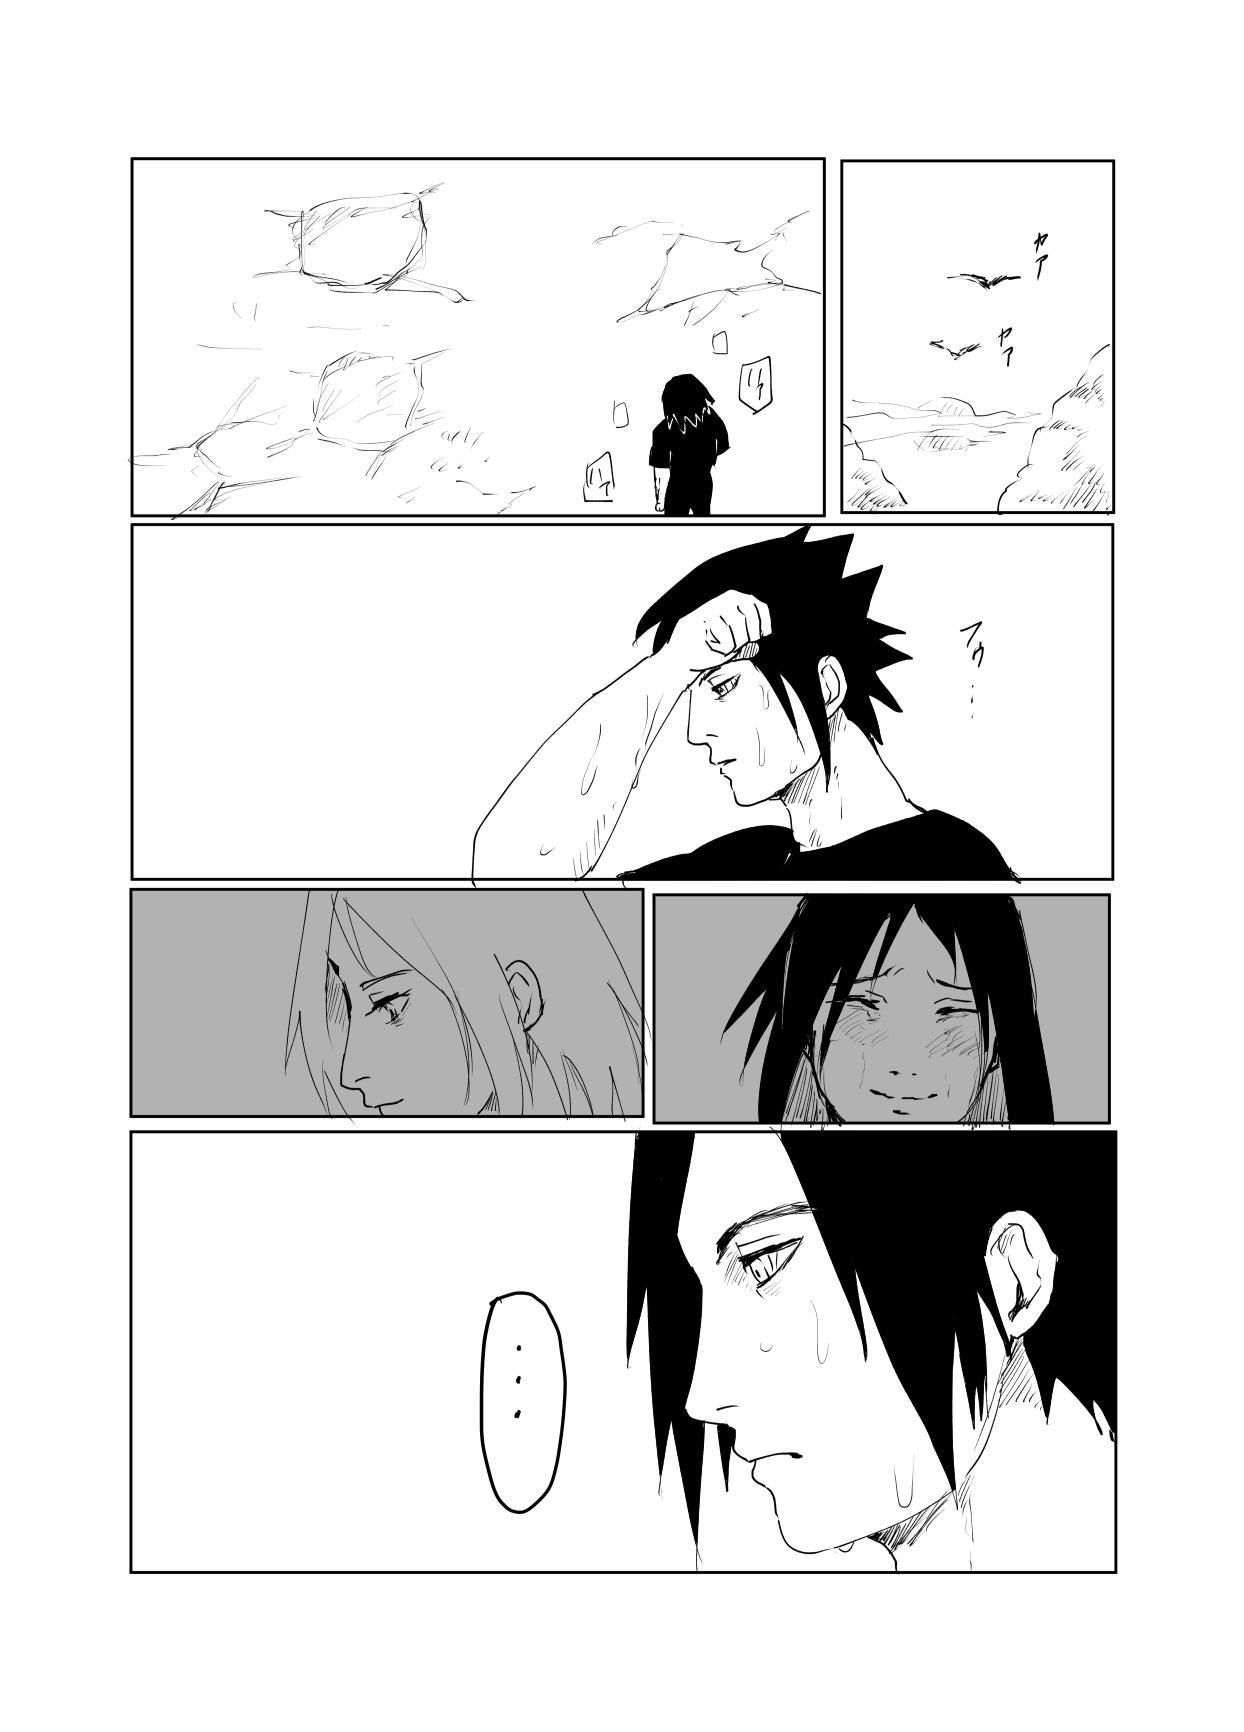 嘘告白漫画 41